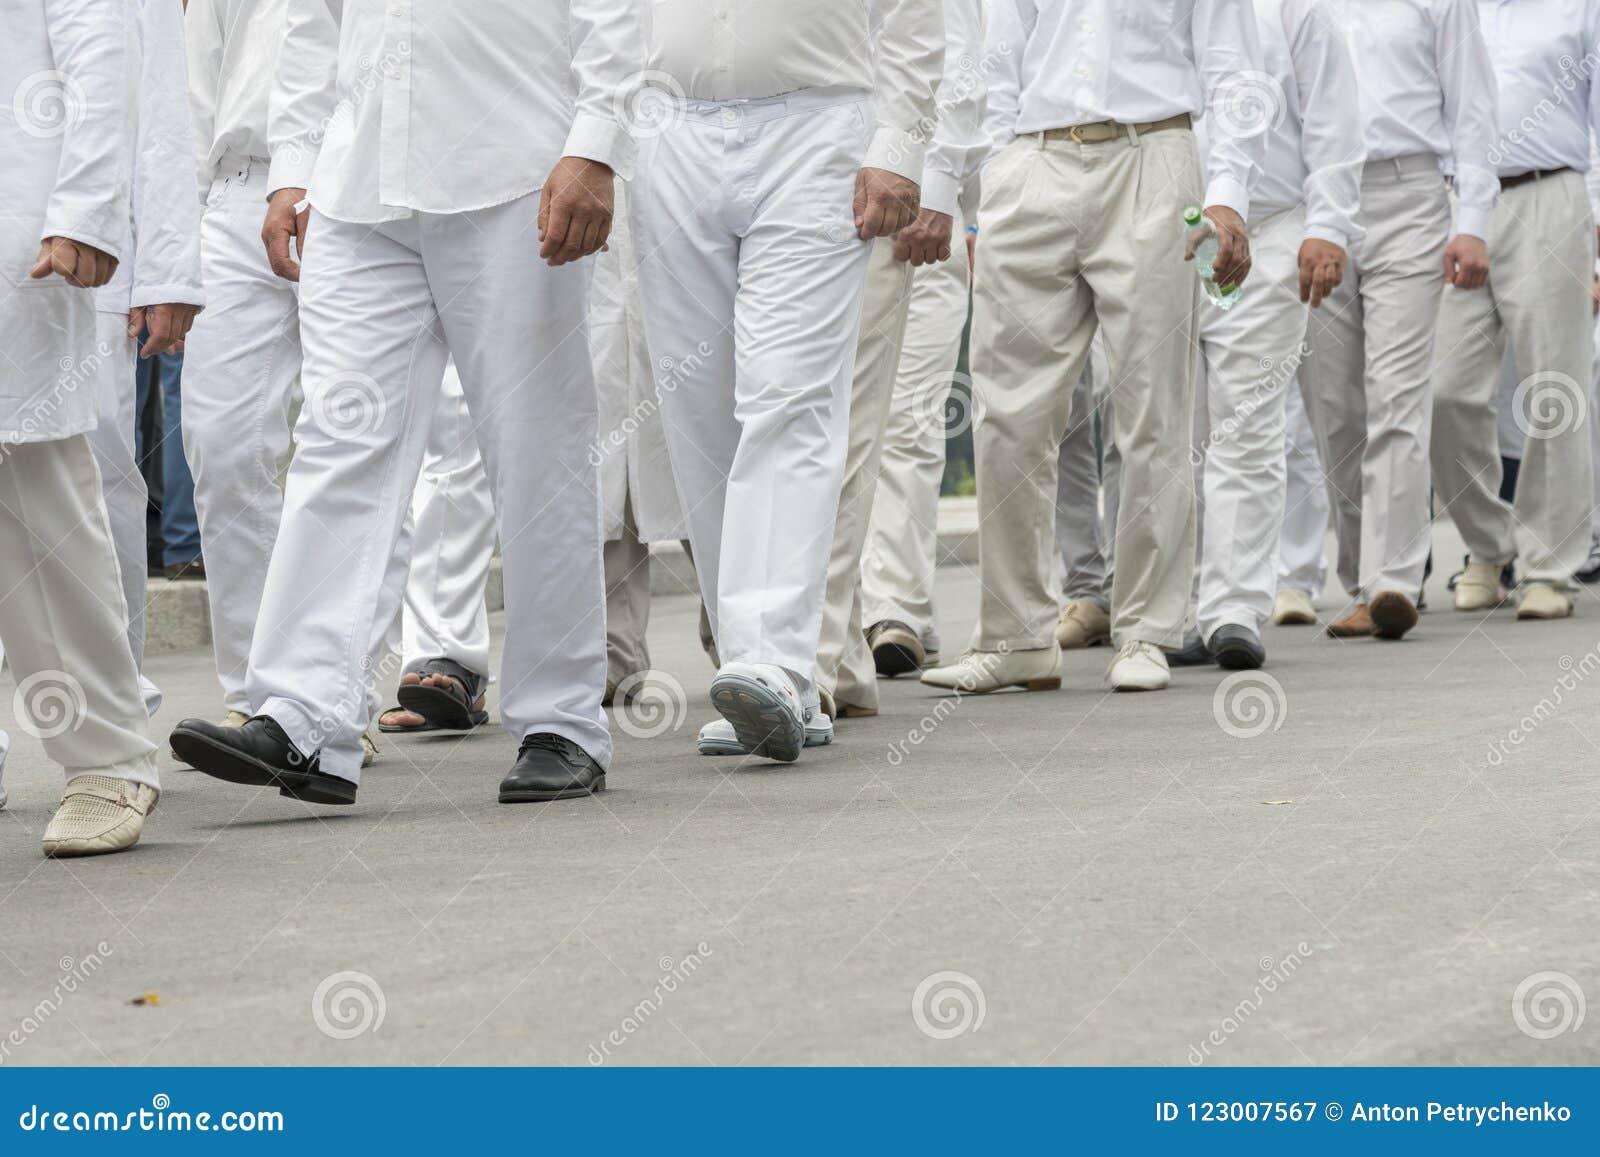 Grupa ludzi w biel ubraniach mężczyzna w białych jeleniach chodzą w dół ulicę